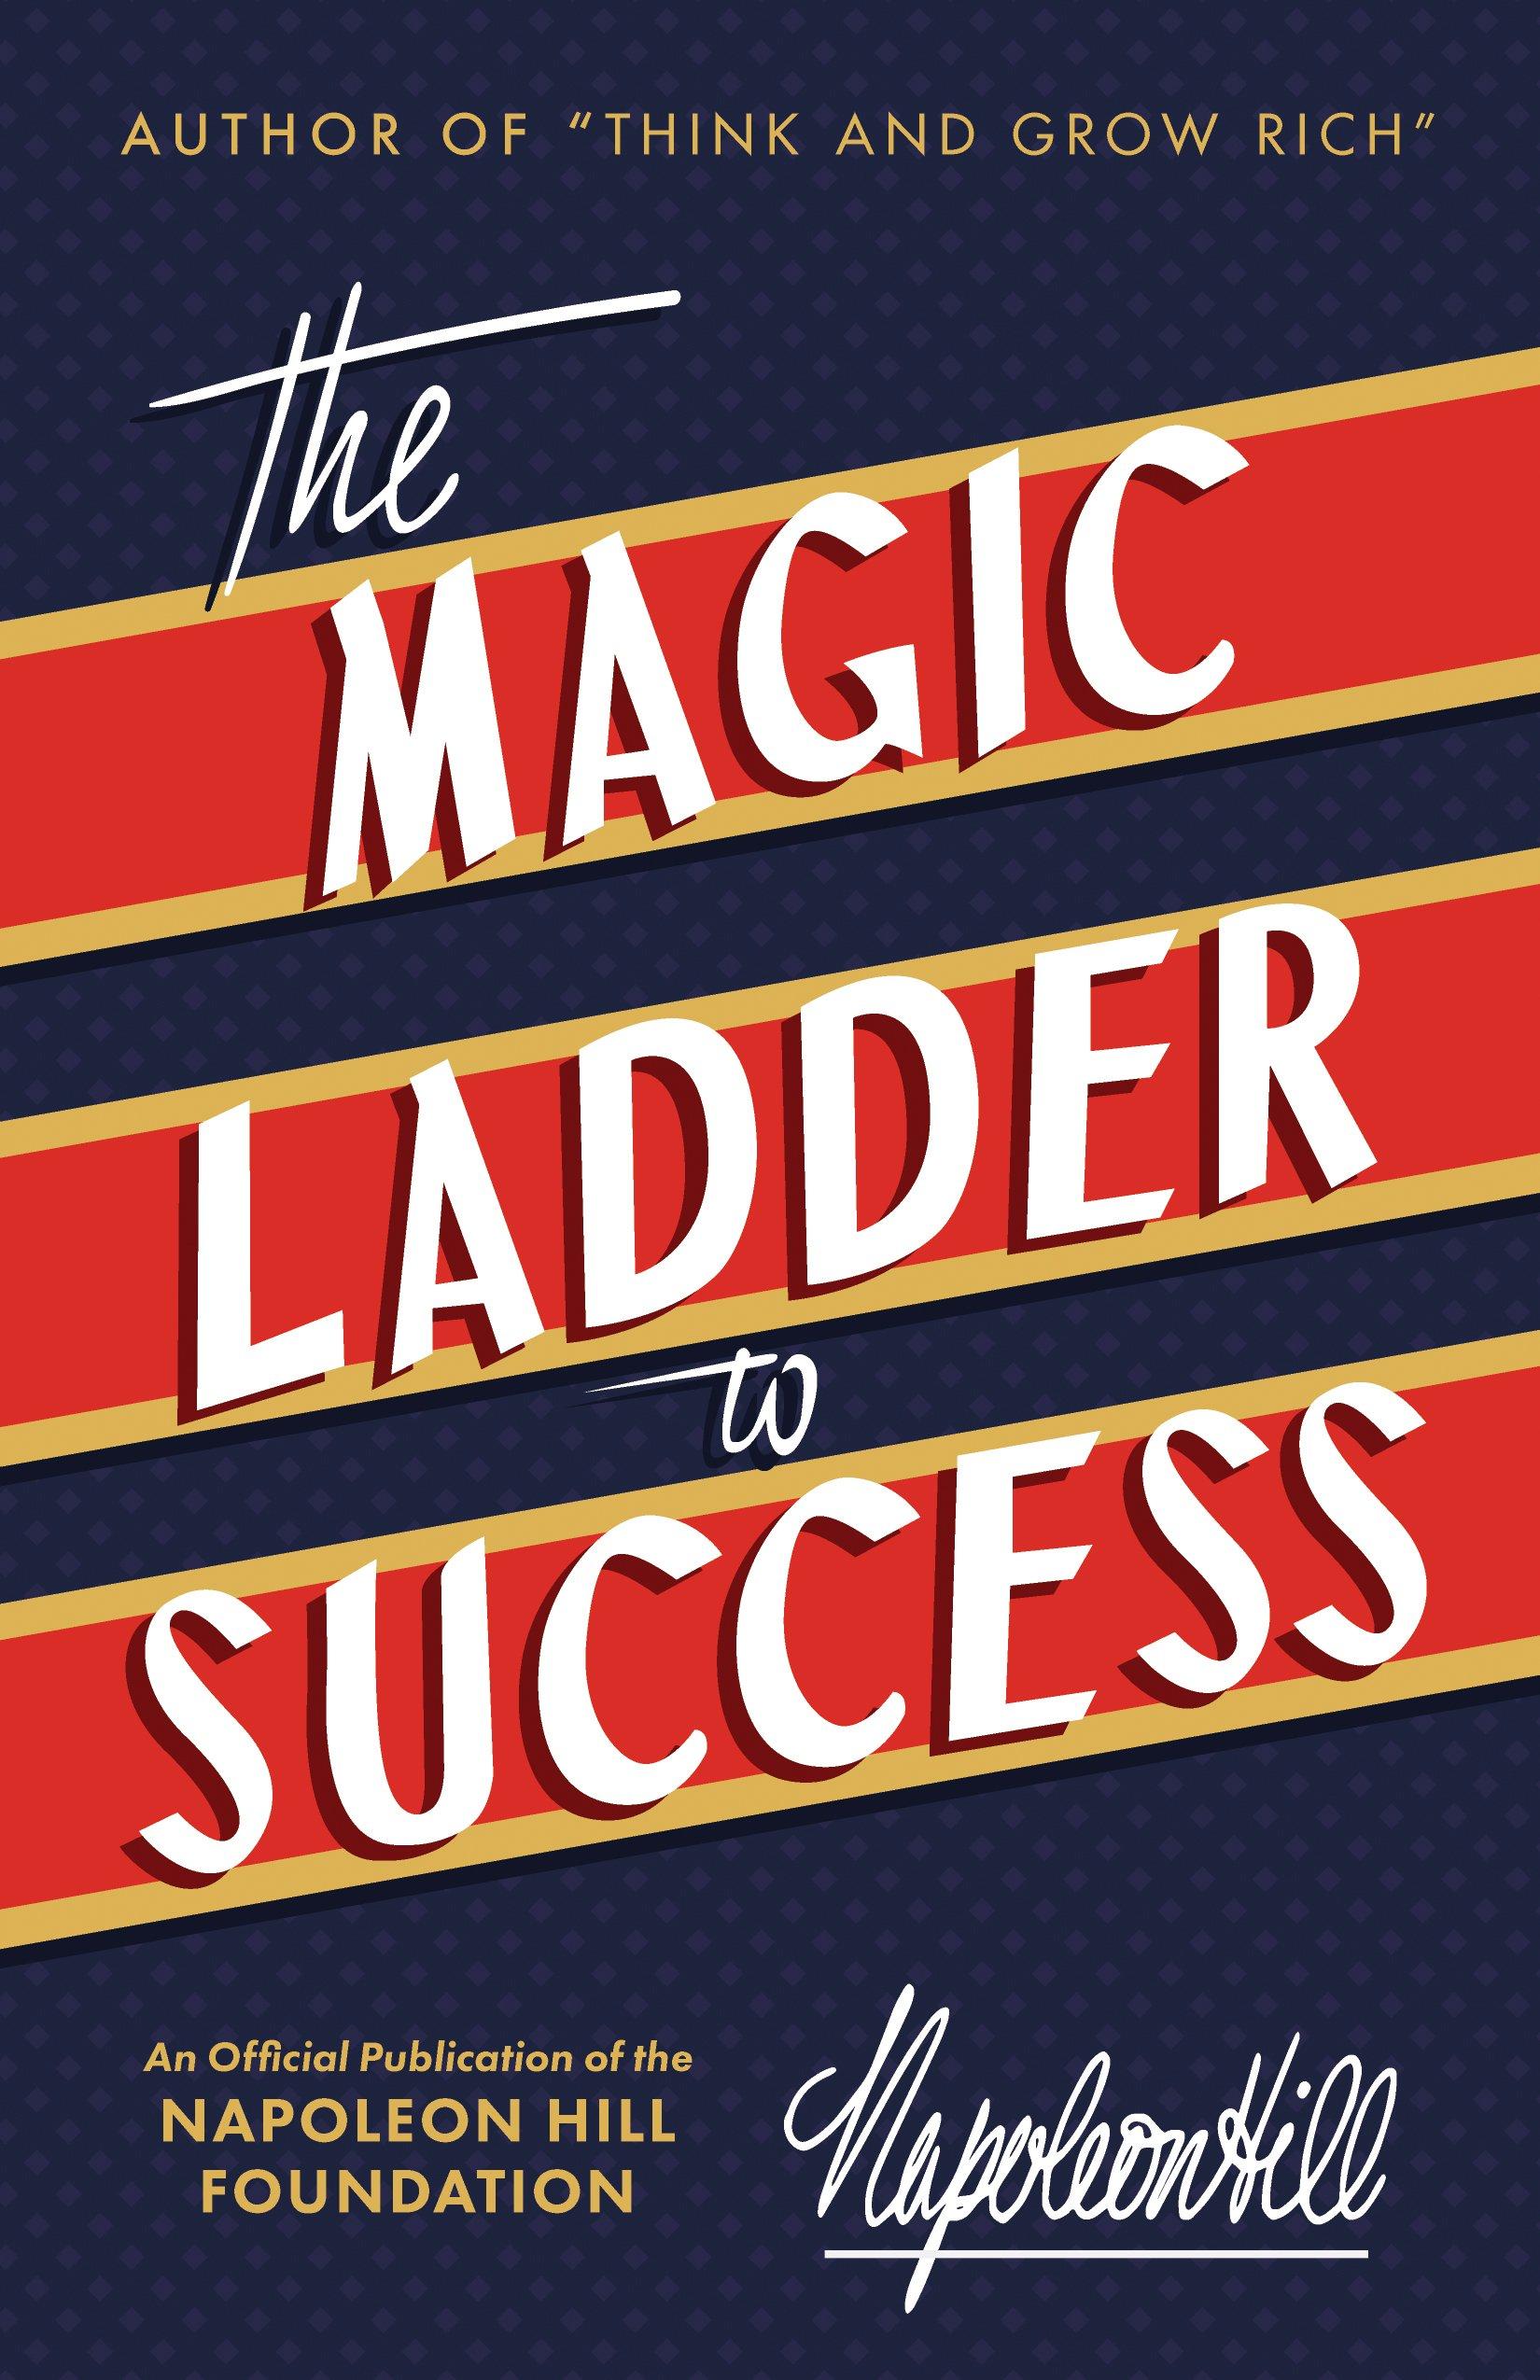 magic lasder to success